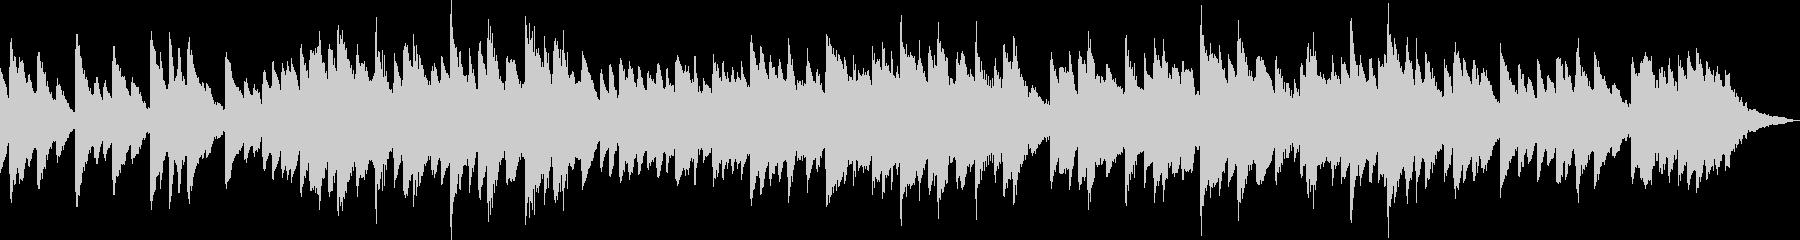 不気味・ホラーなチェレスタ/オルゴール曲の未再生の波形